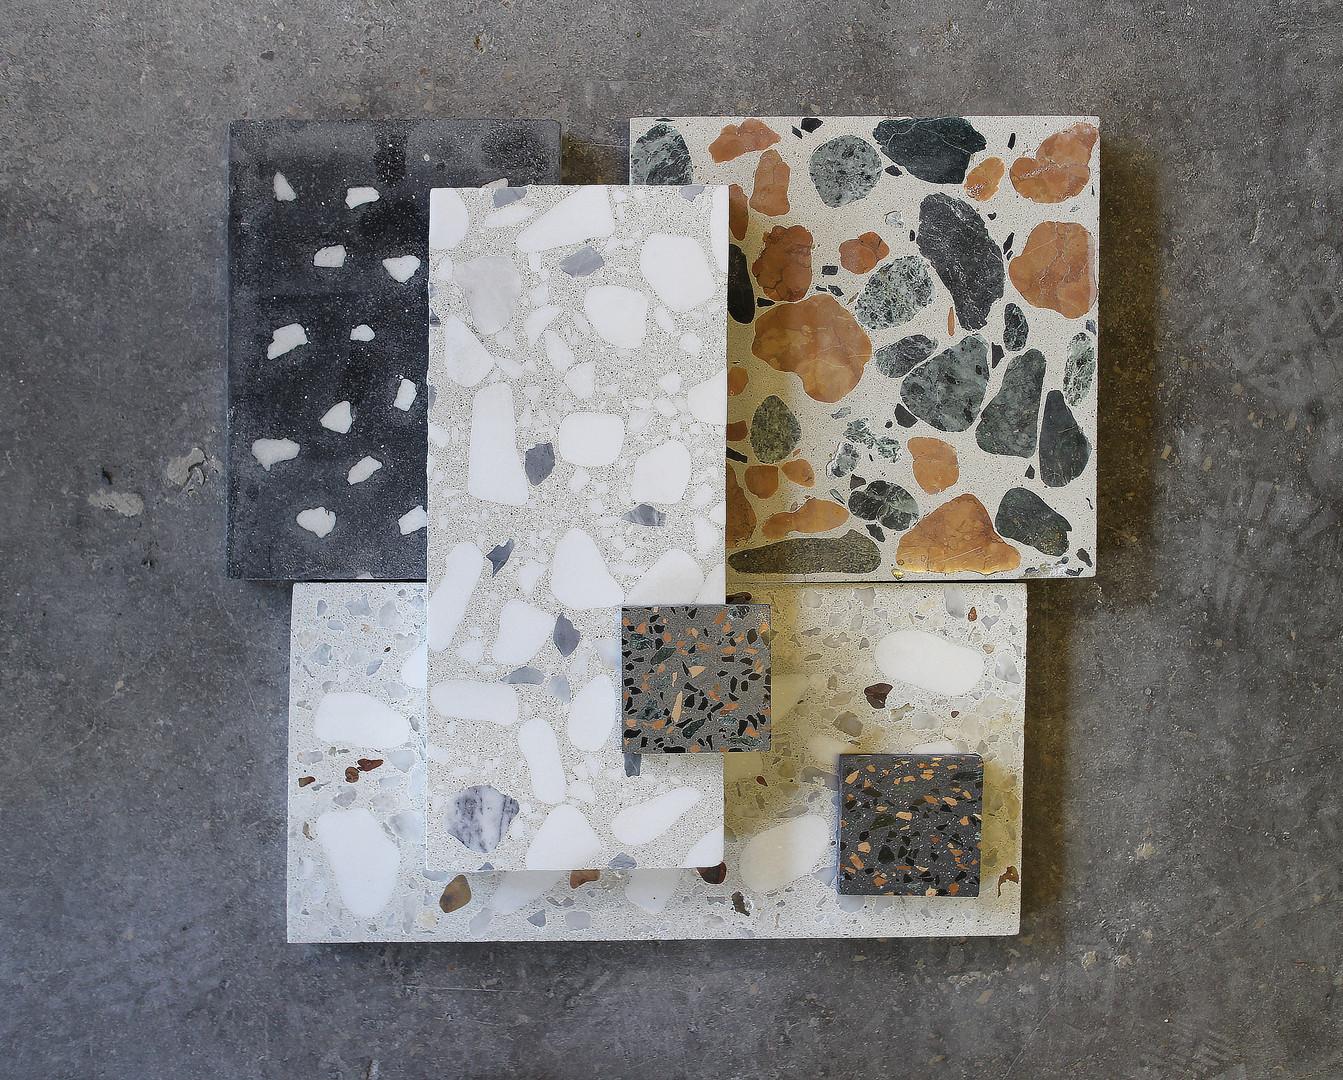 Разные образцы бетона терраццо